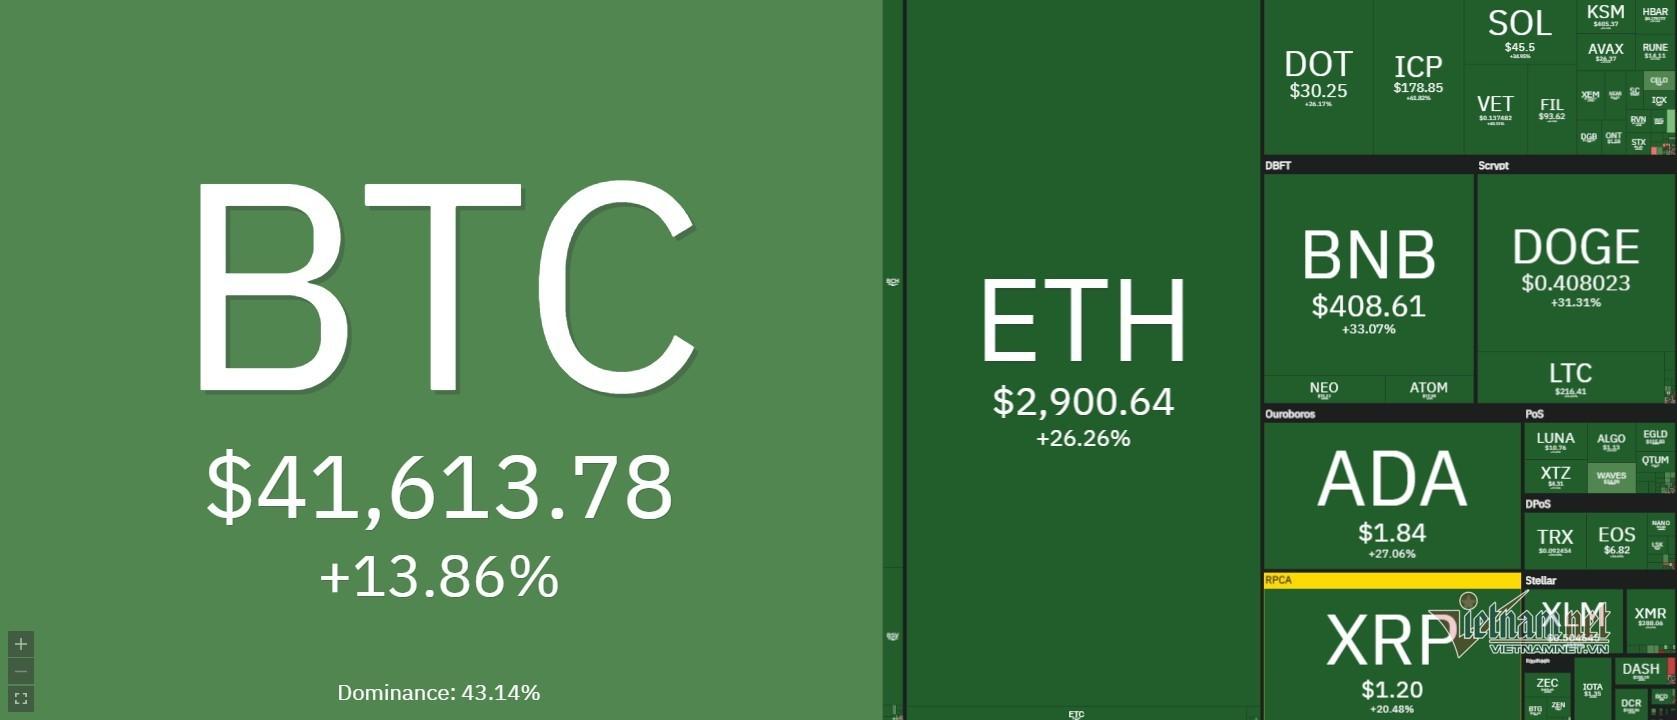 Giá Bitcoin 21/5: 42.000 USD và sẽ tiếp tục lên cao hơn nữa?